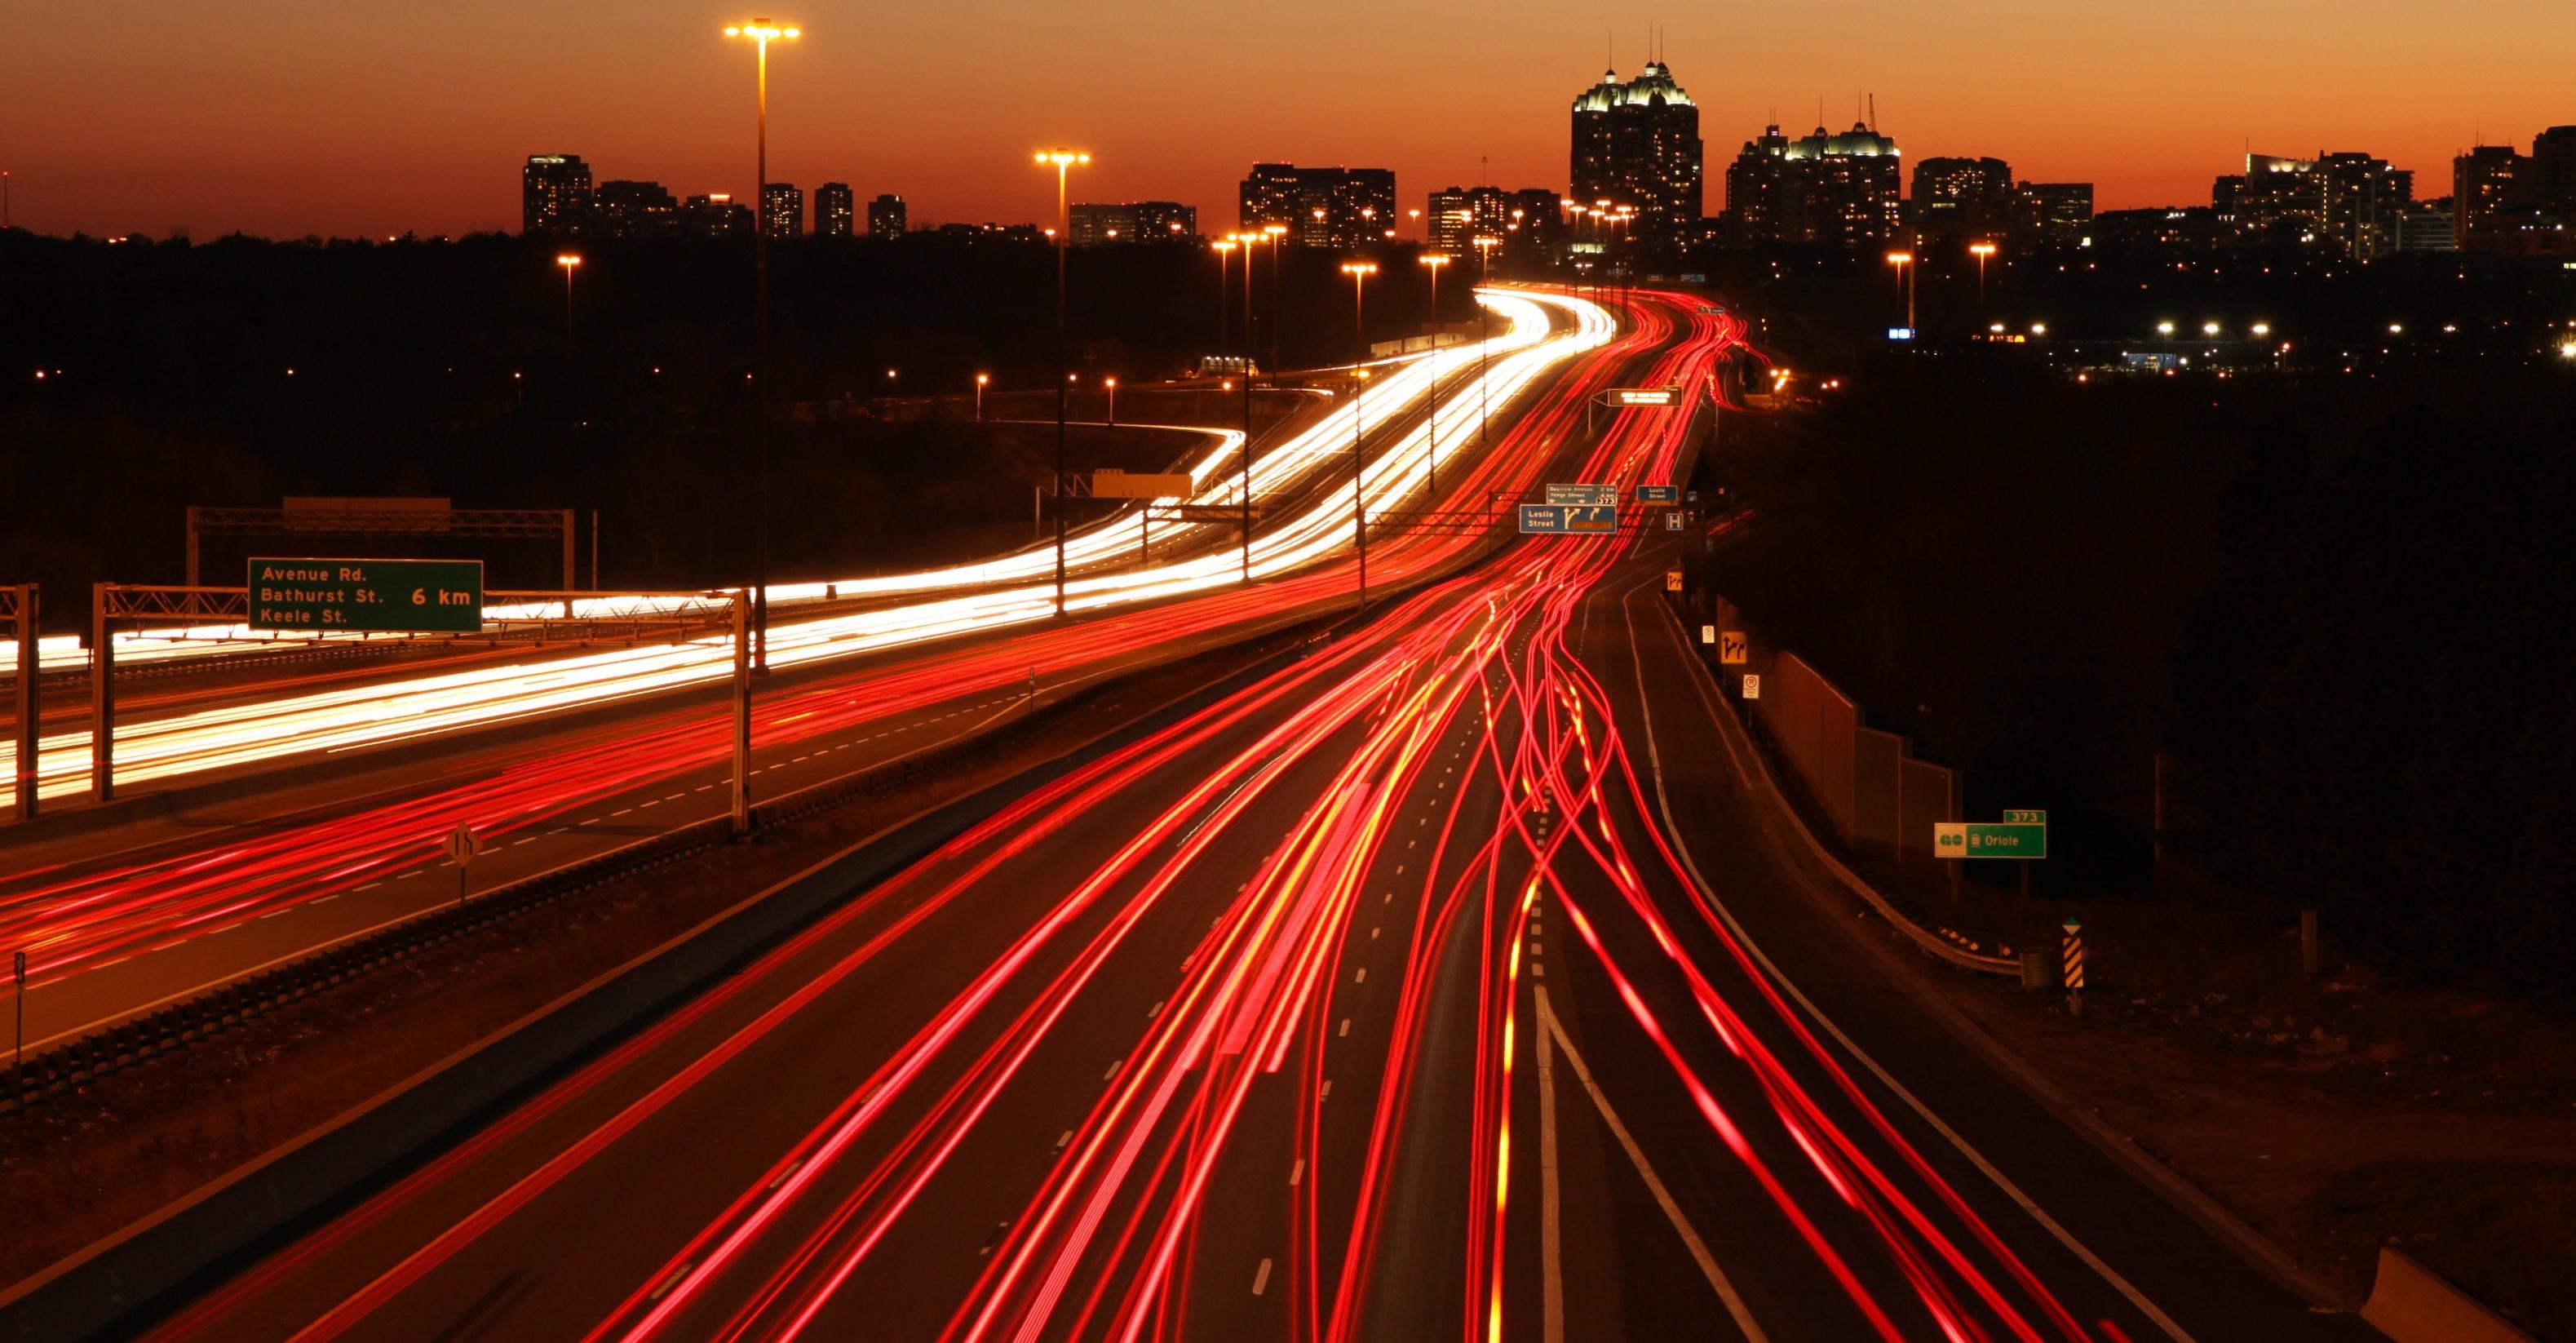 Koliko će nam vremena uštedeti 130 km/h umesto 120 km/h?